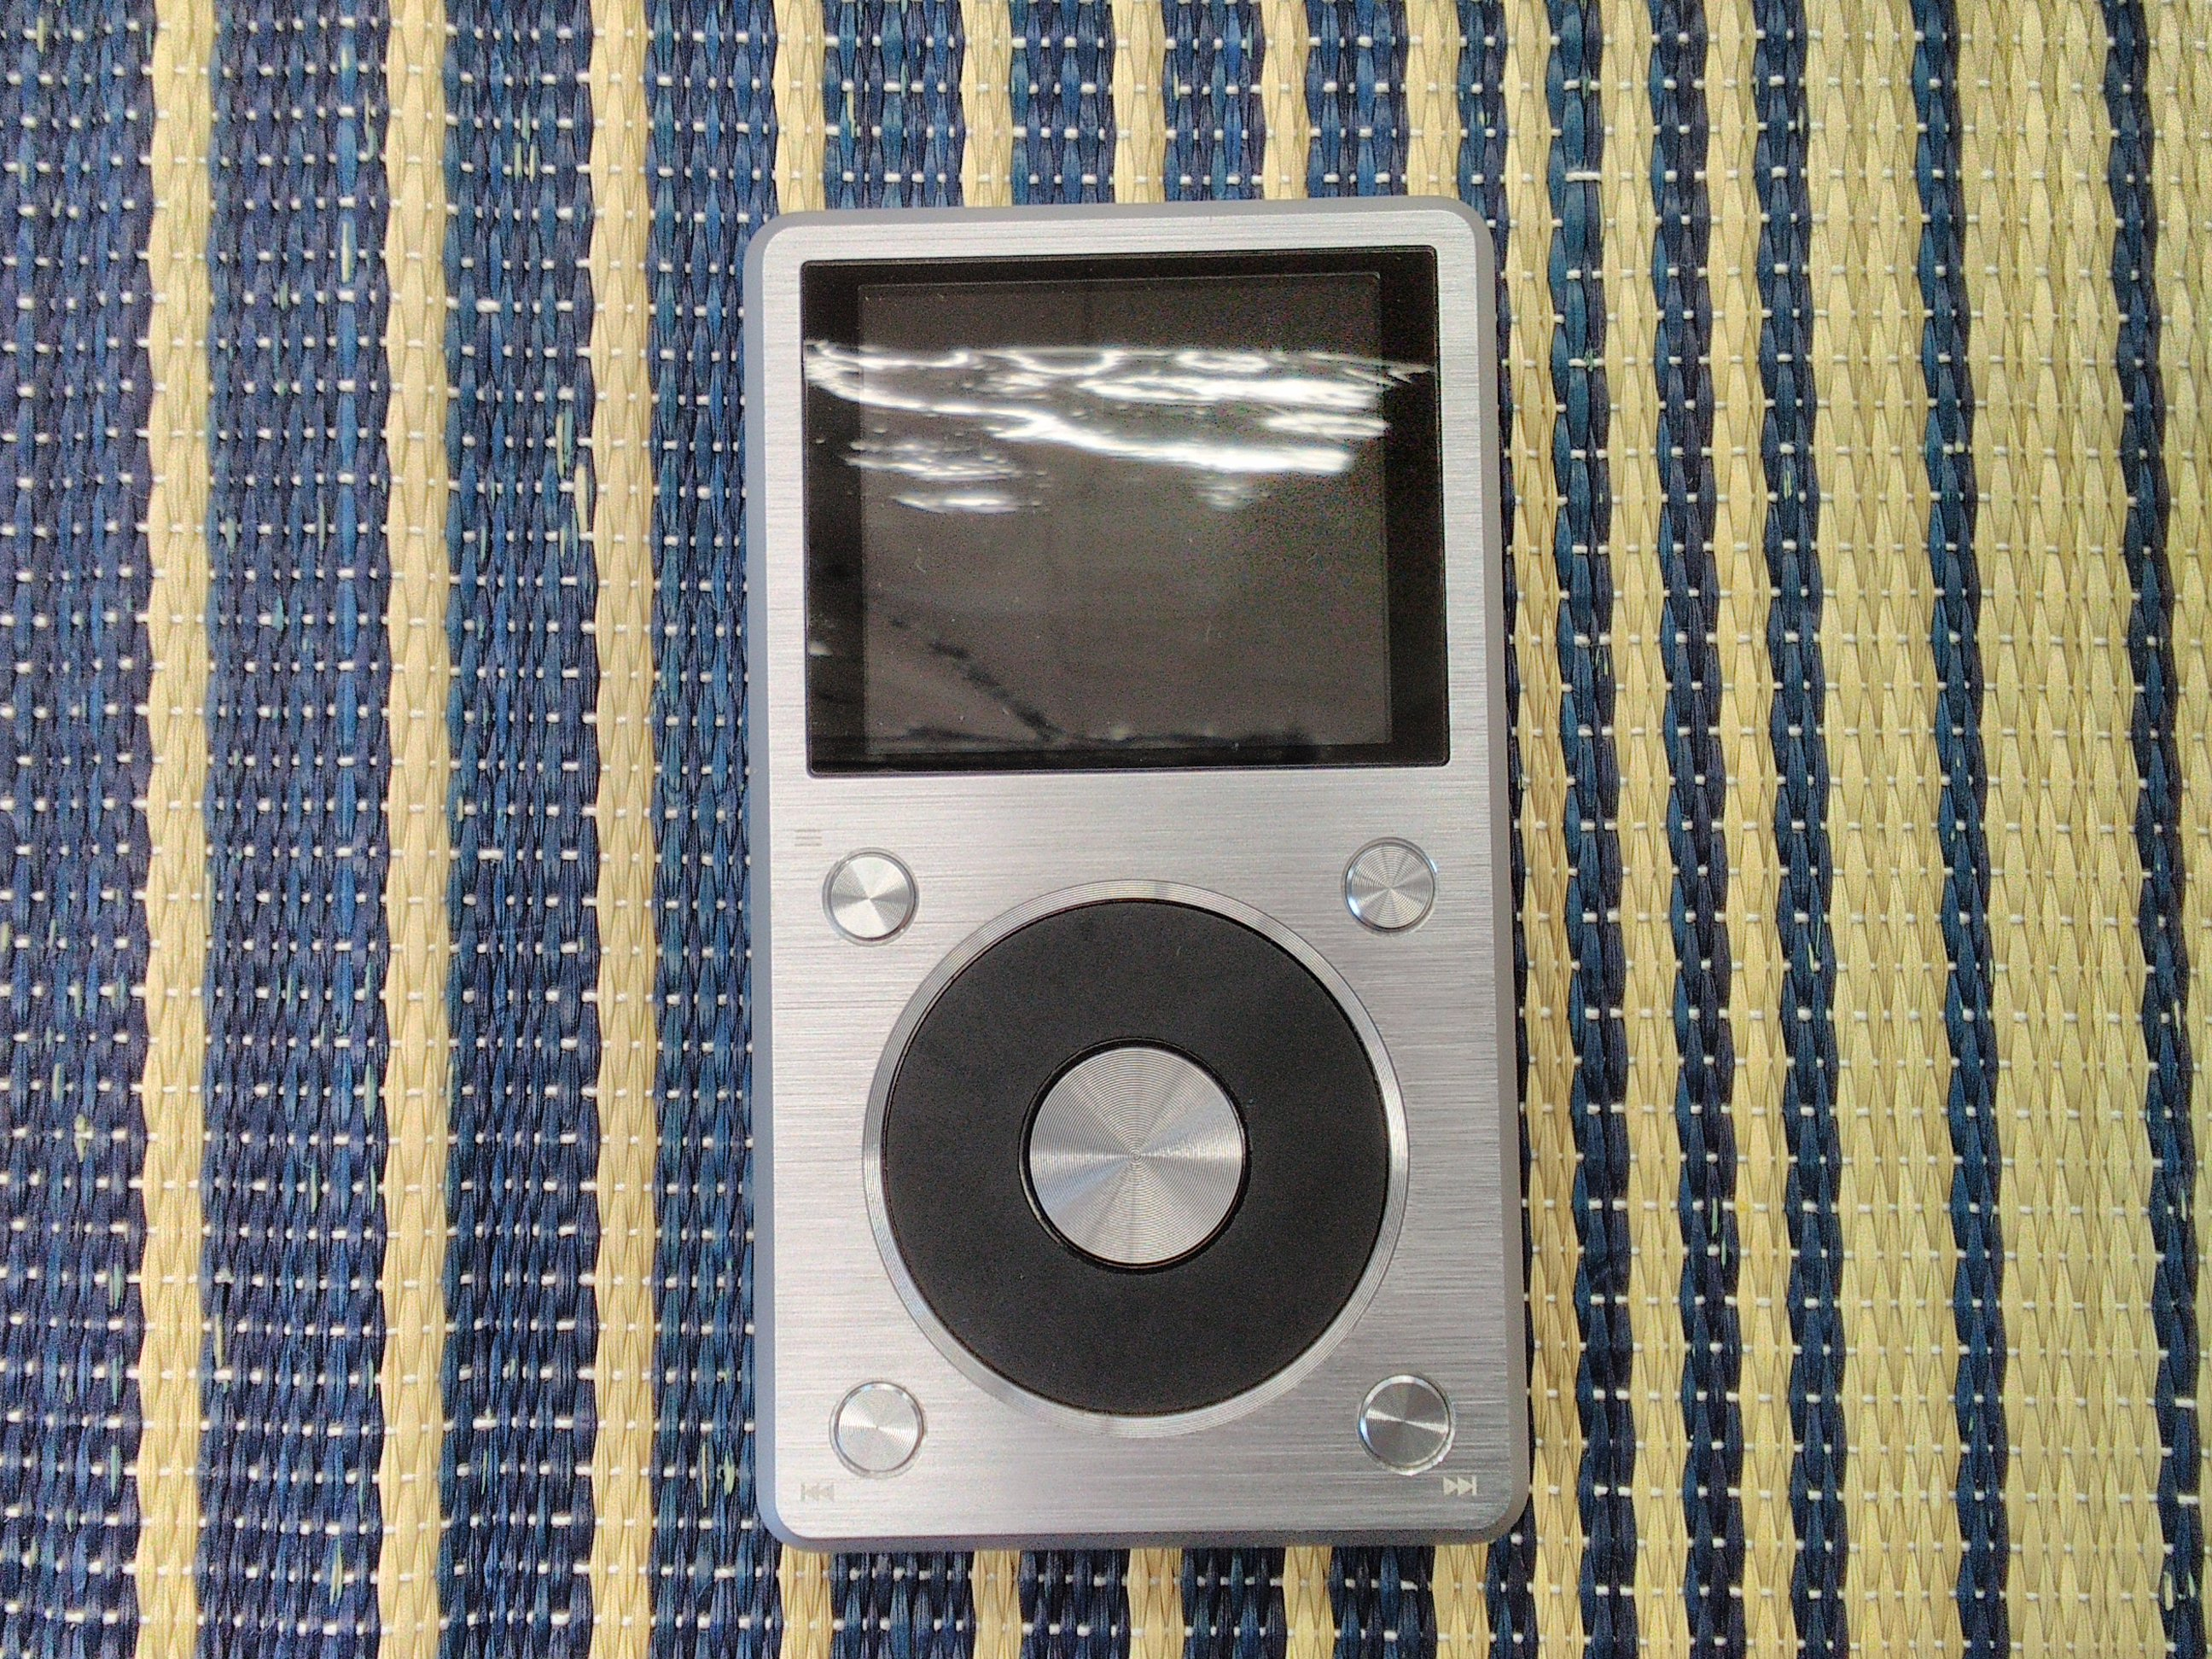 デジタルオーディオプレーヤー|FLIO